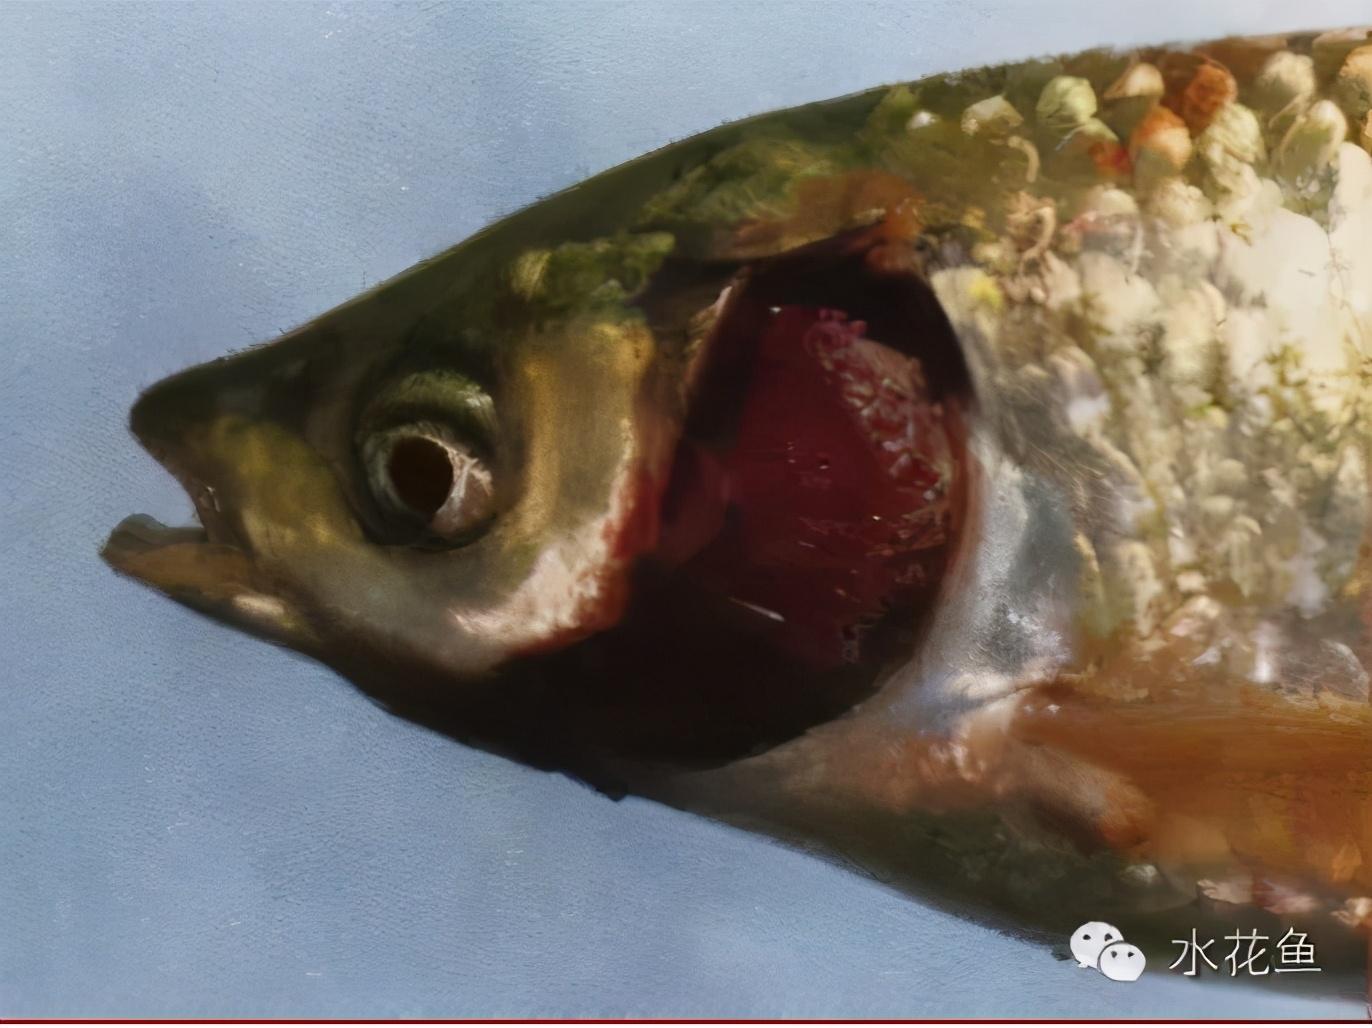 常见两种鱼类烂鳃:细菌性烂鳃病和寄生虫性烂鳃病的辨别及防治